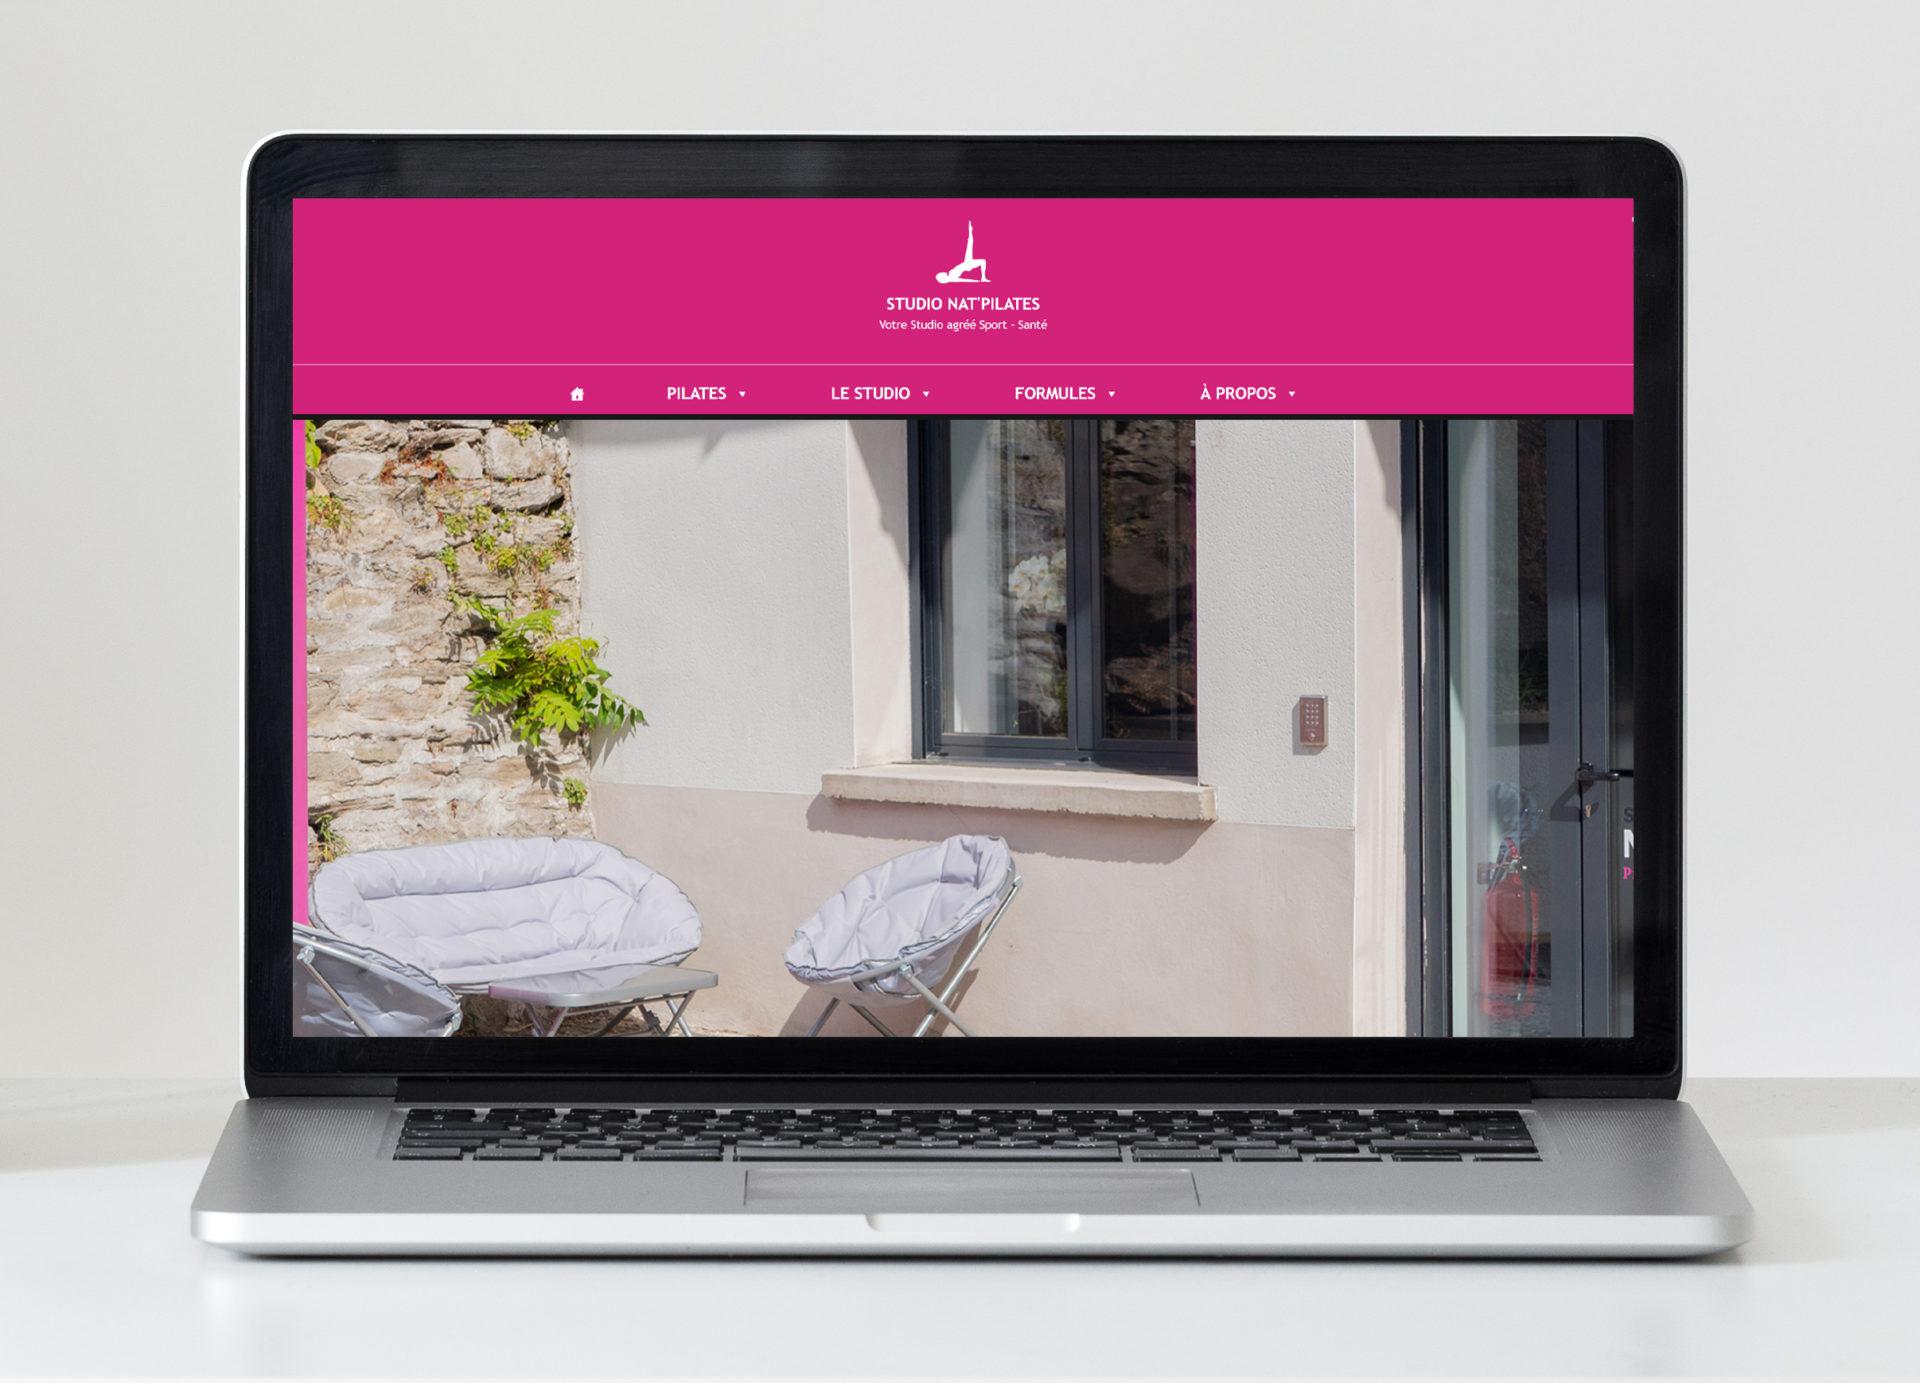 Visuel de la page d'accueil du site internet Nat'Pilates